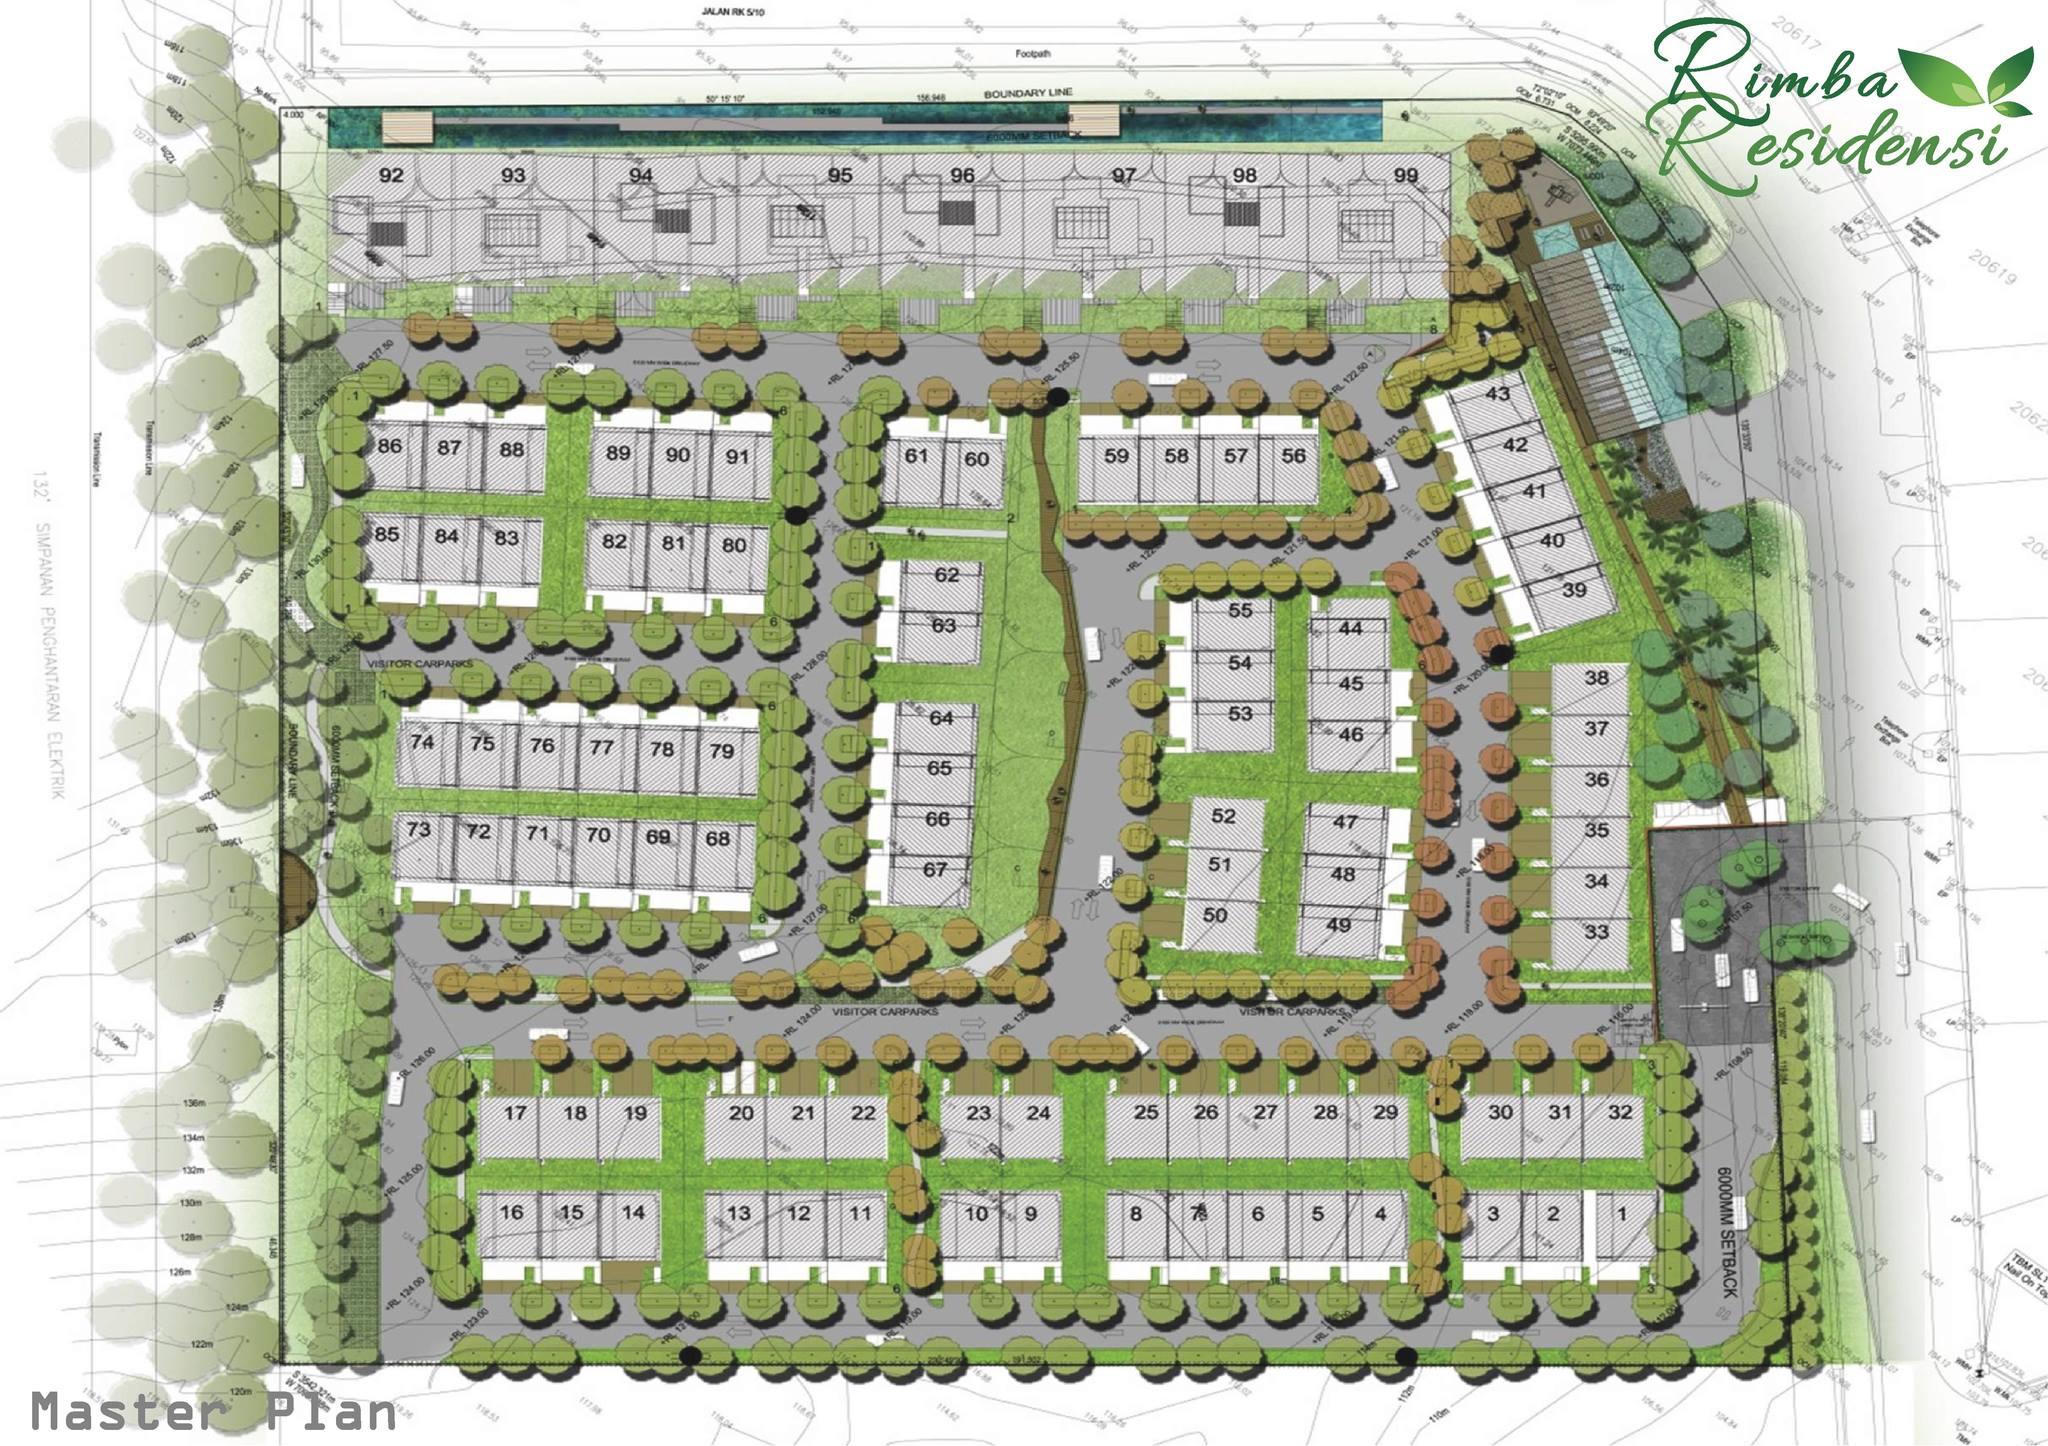 Site Plan of Rimba Residensi